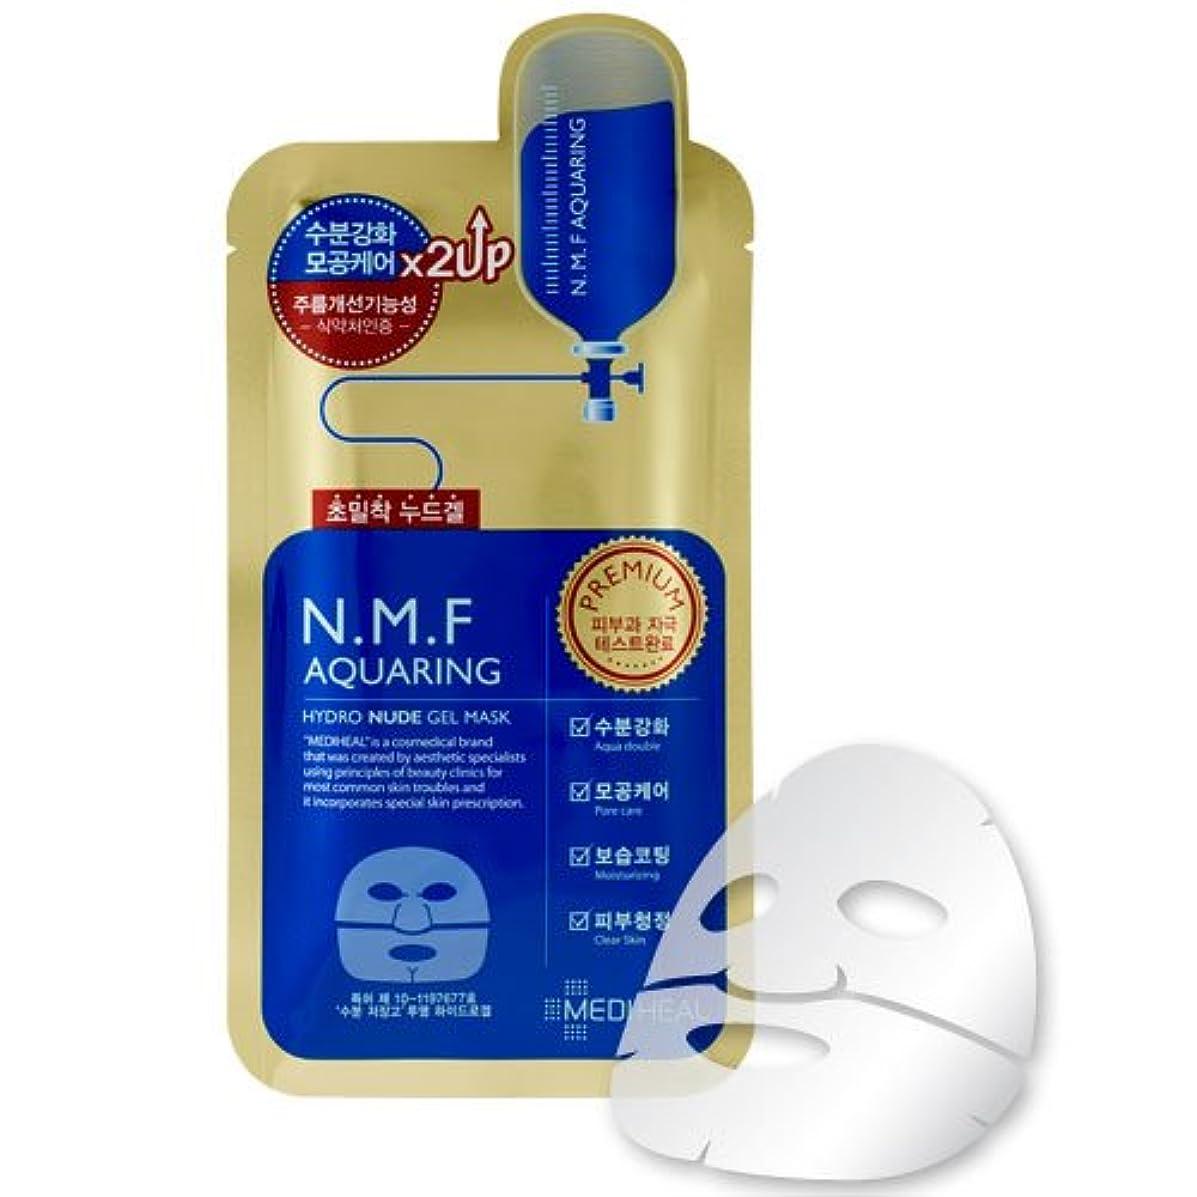 セッション朝爆弾メディヒール NMF アクアリング ヌード ゲルマスク 1P [海外直送品][並行輸入品]